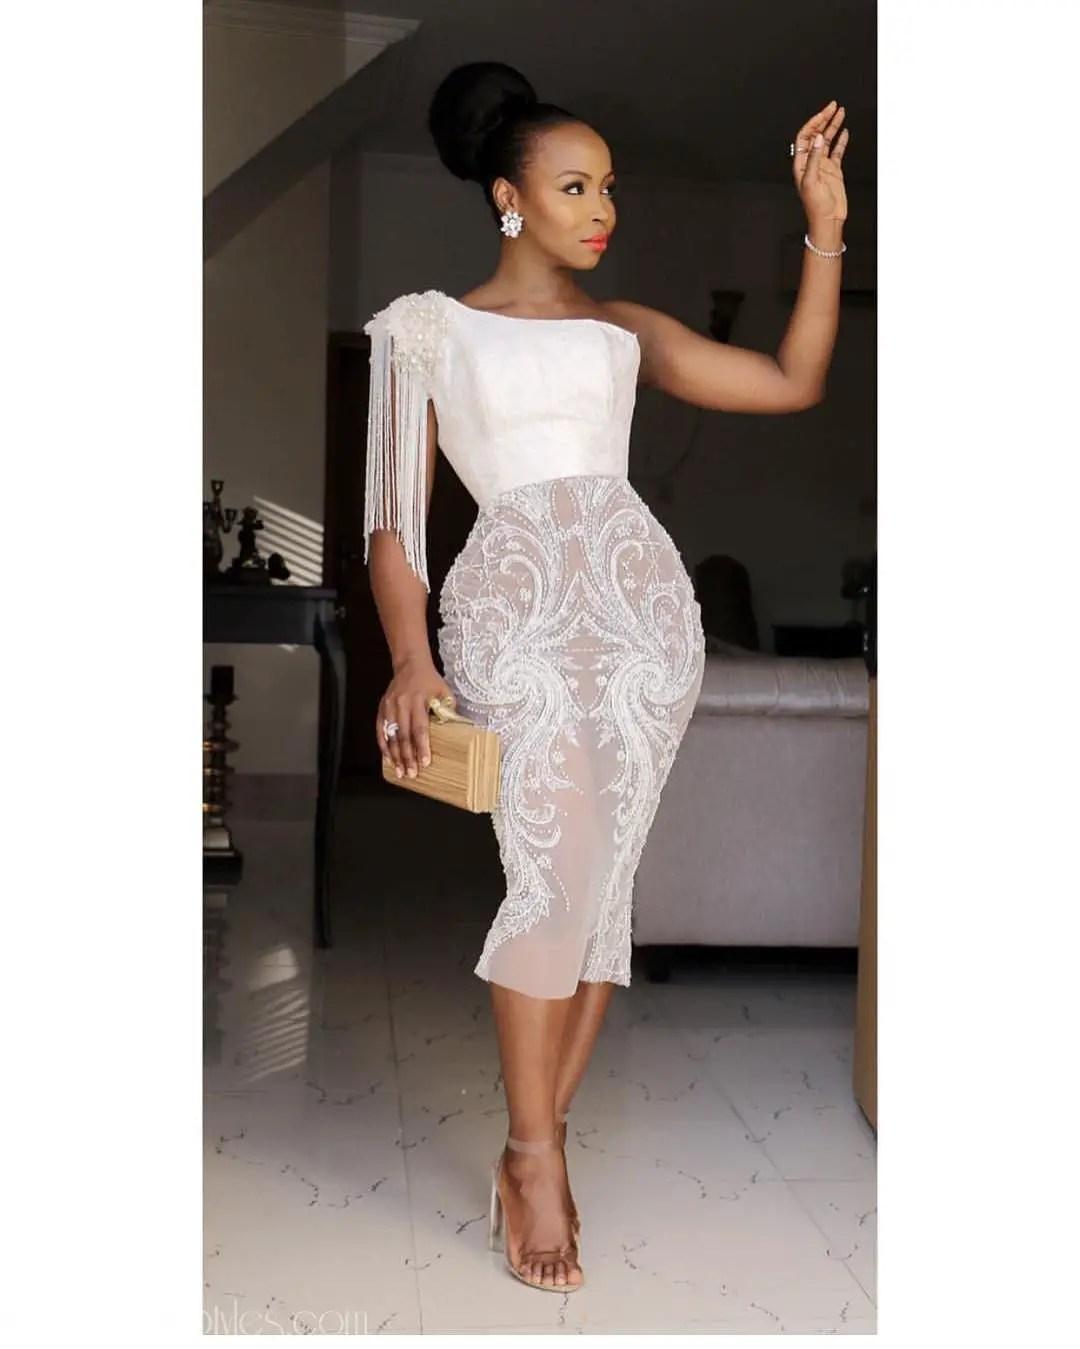 Fringe Asoebi Styles Lookbook 19